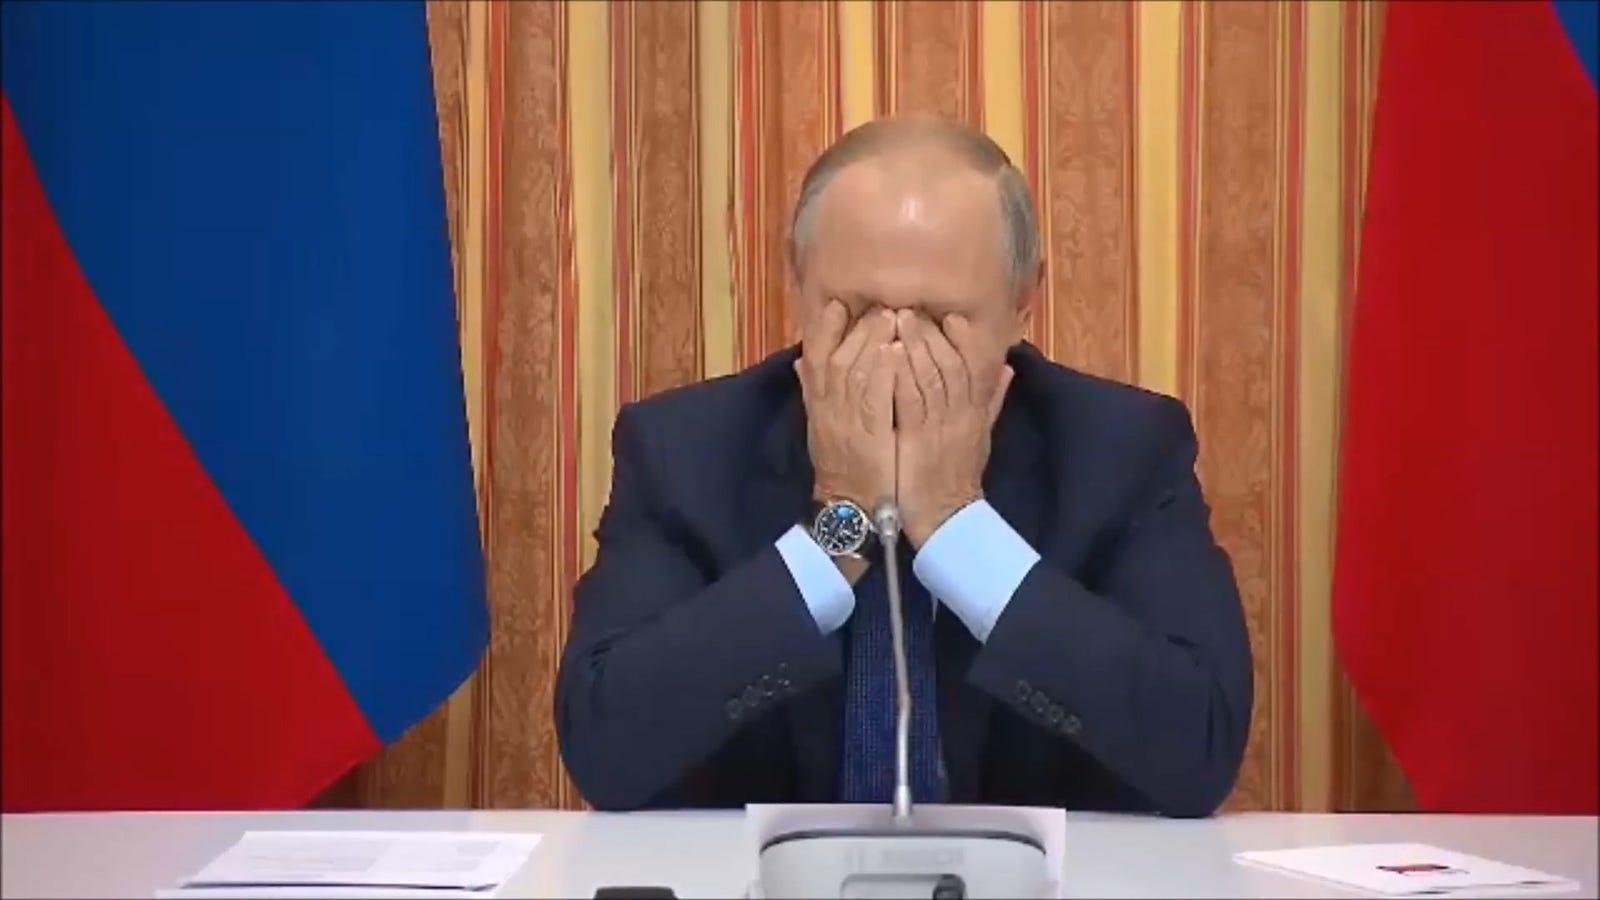 Putin estalla de risa después de que su ministro de agricultura sugiriera exportar cerdo a Indonesia, país musulmán